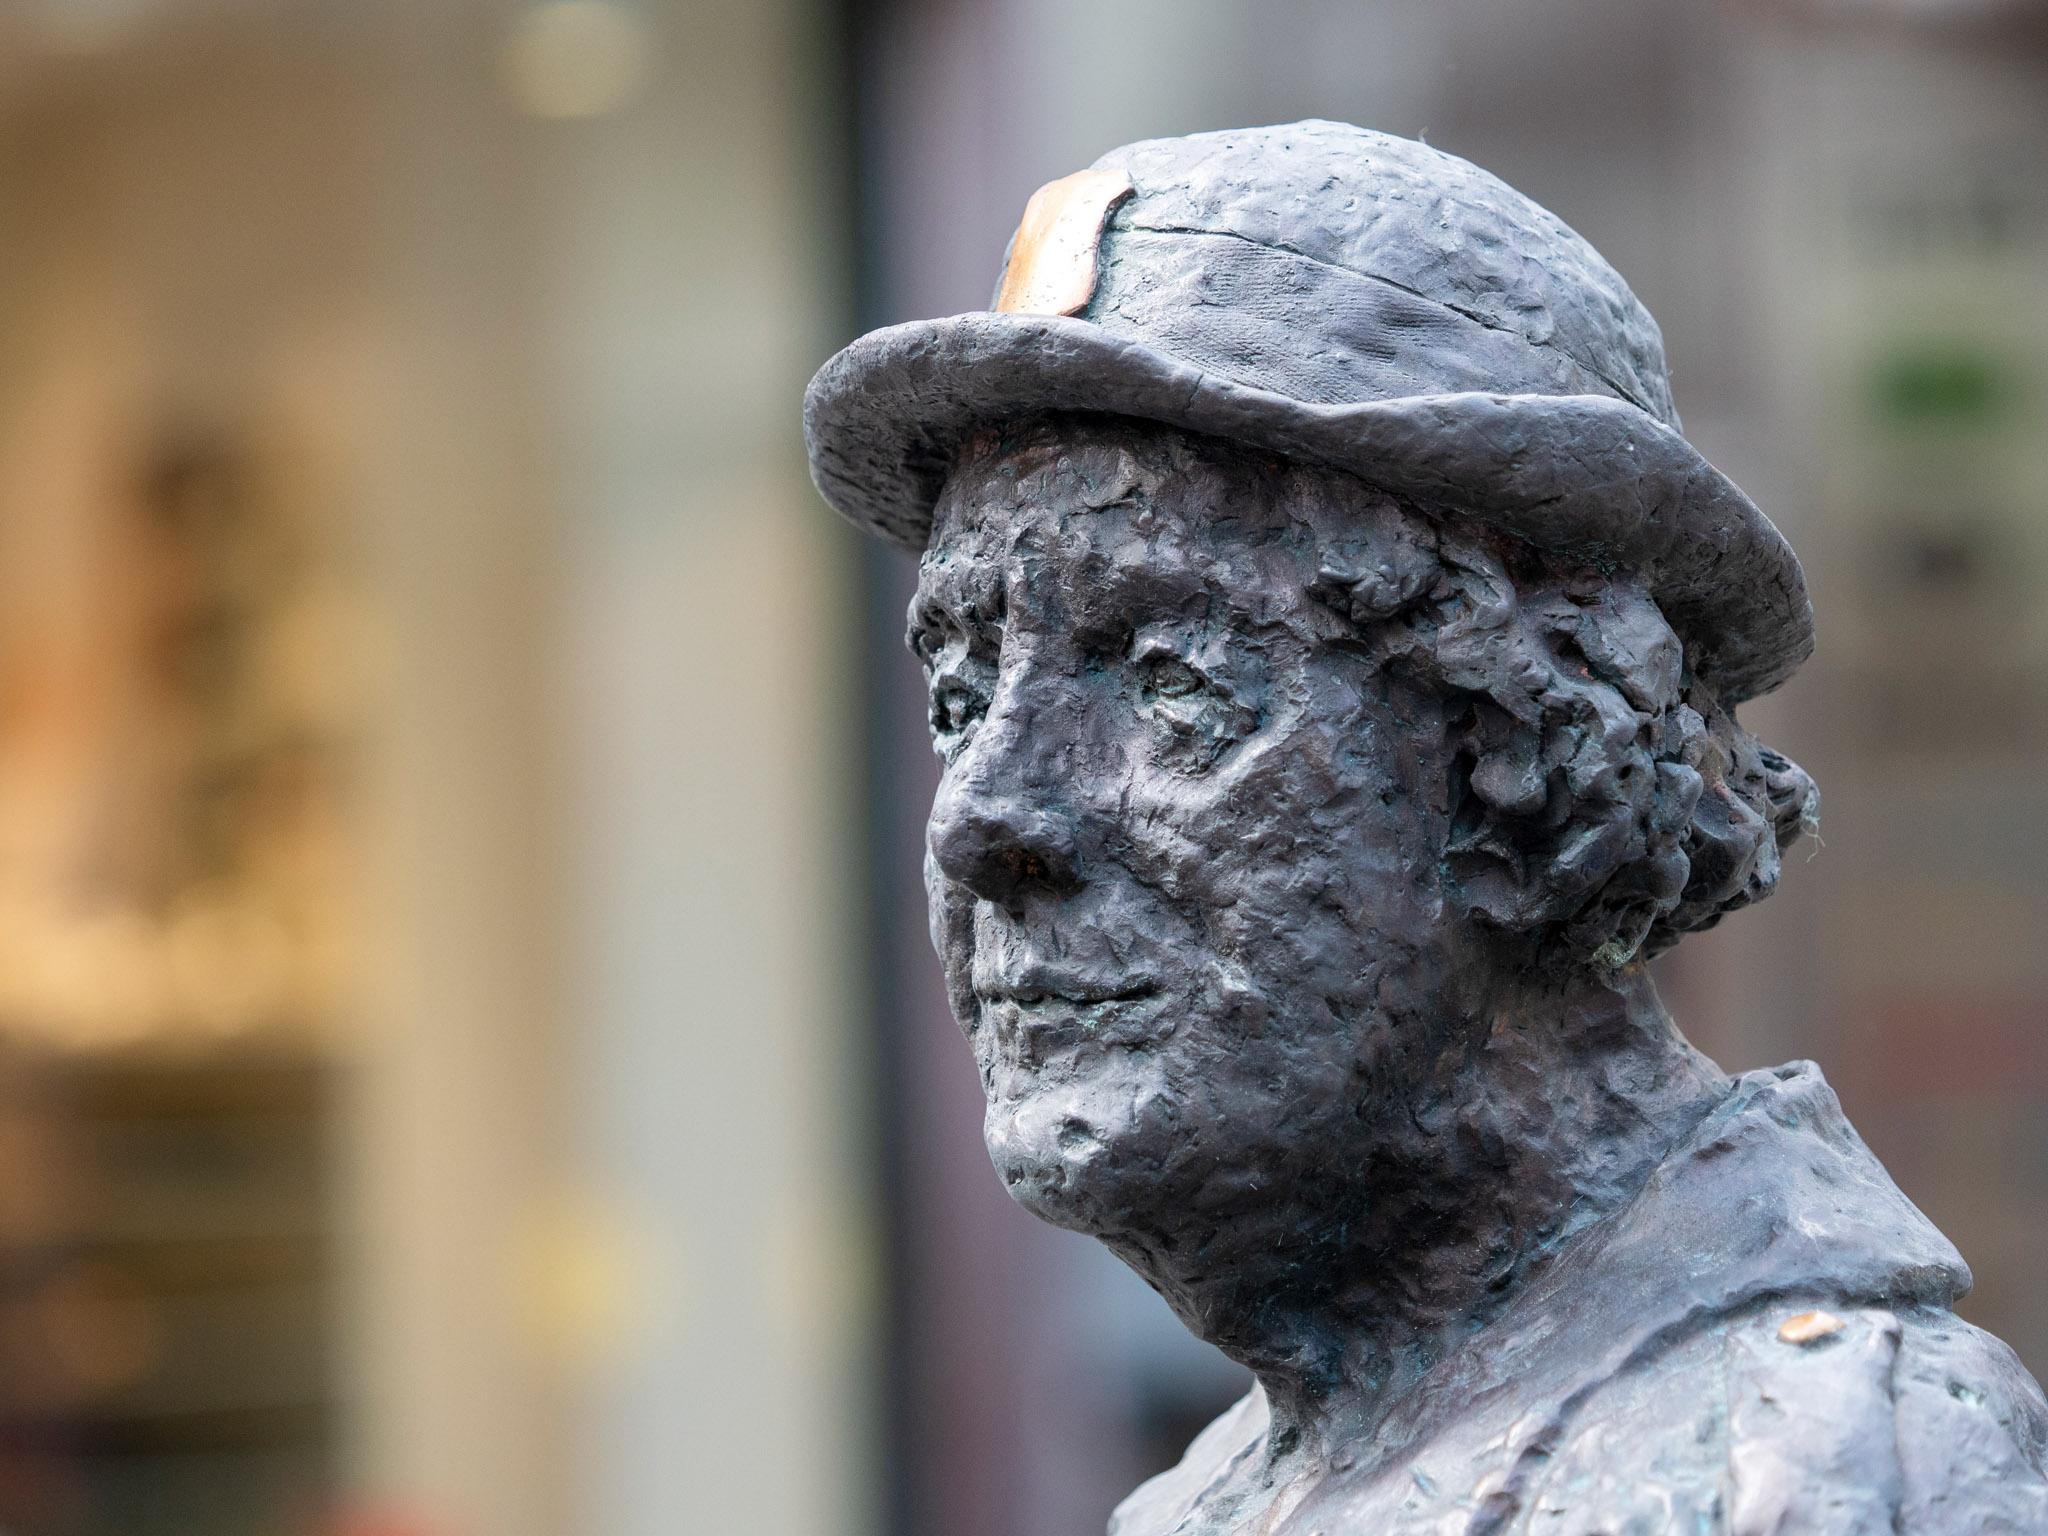 Närbild på skulptur i brons